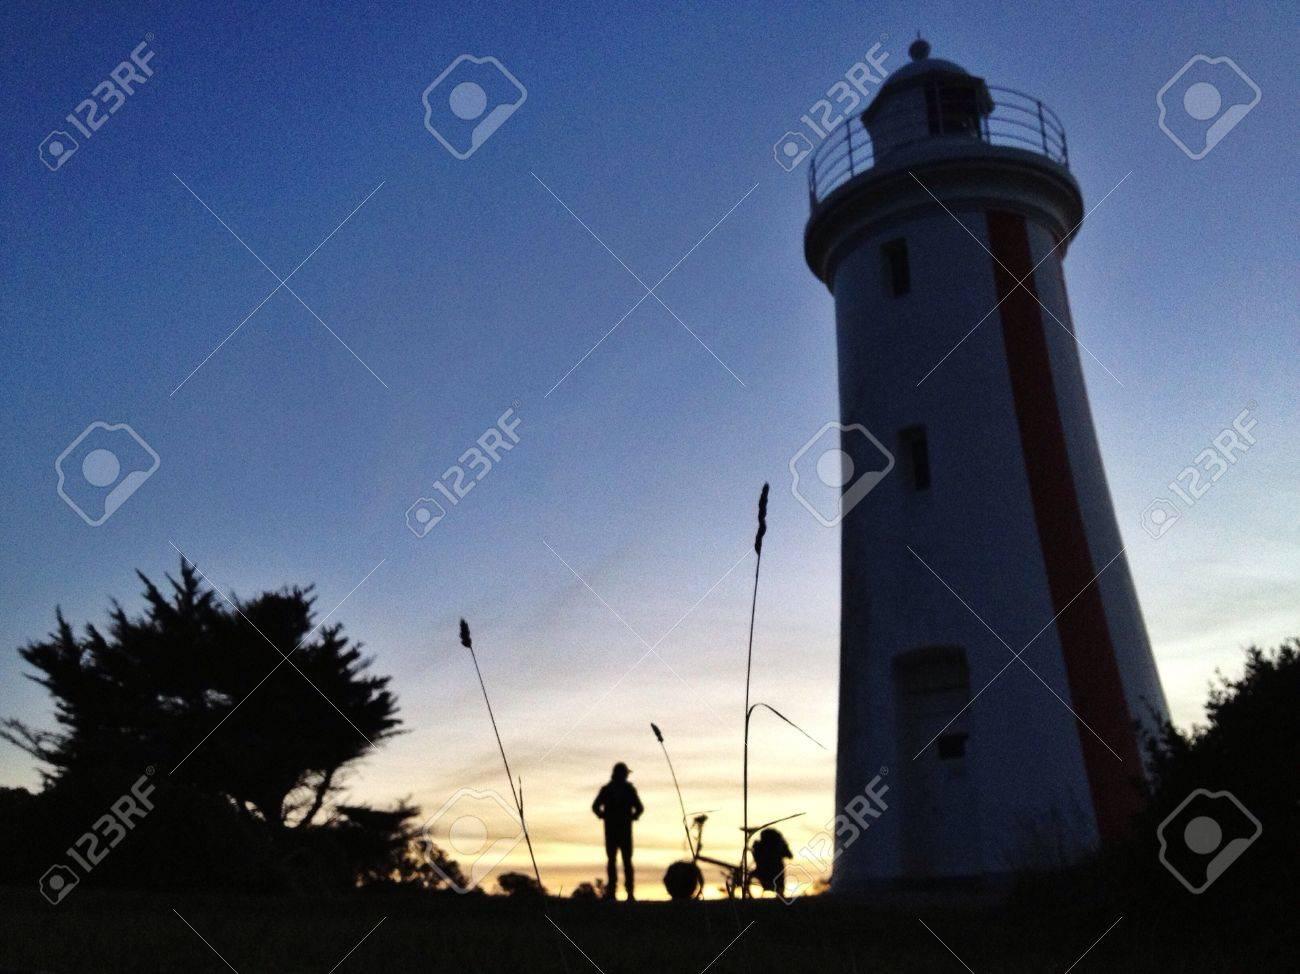 Lighthouse of Devonport, Tasmania